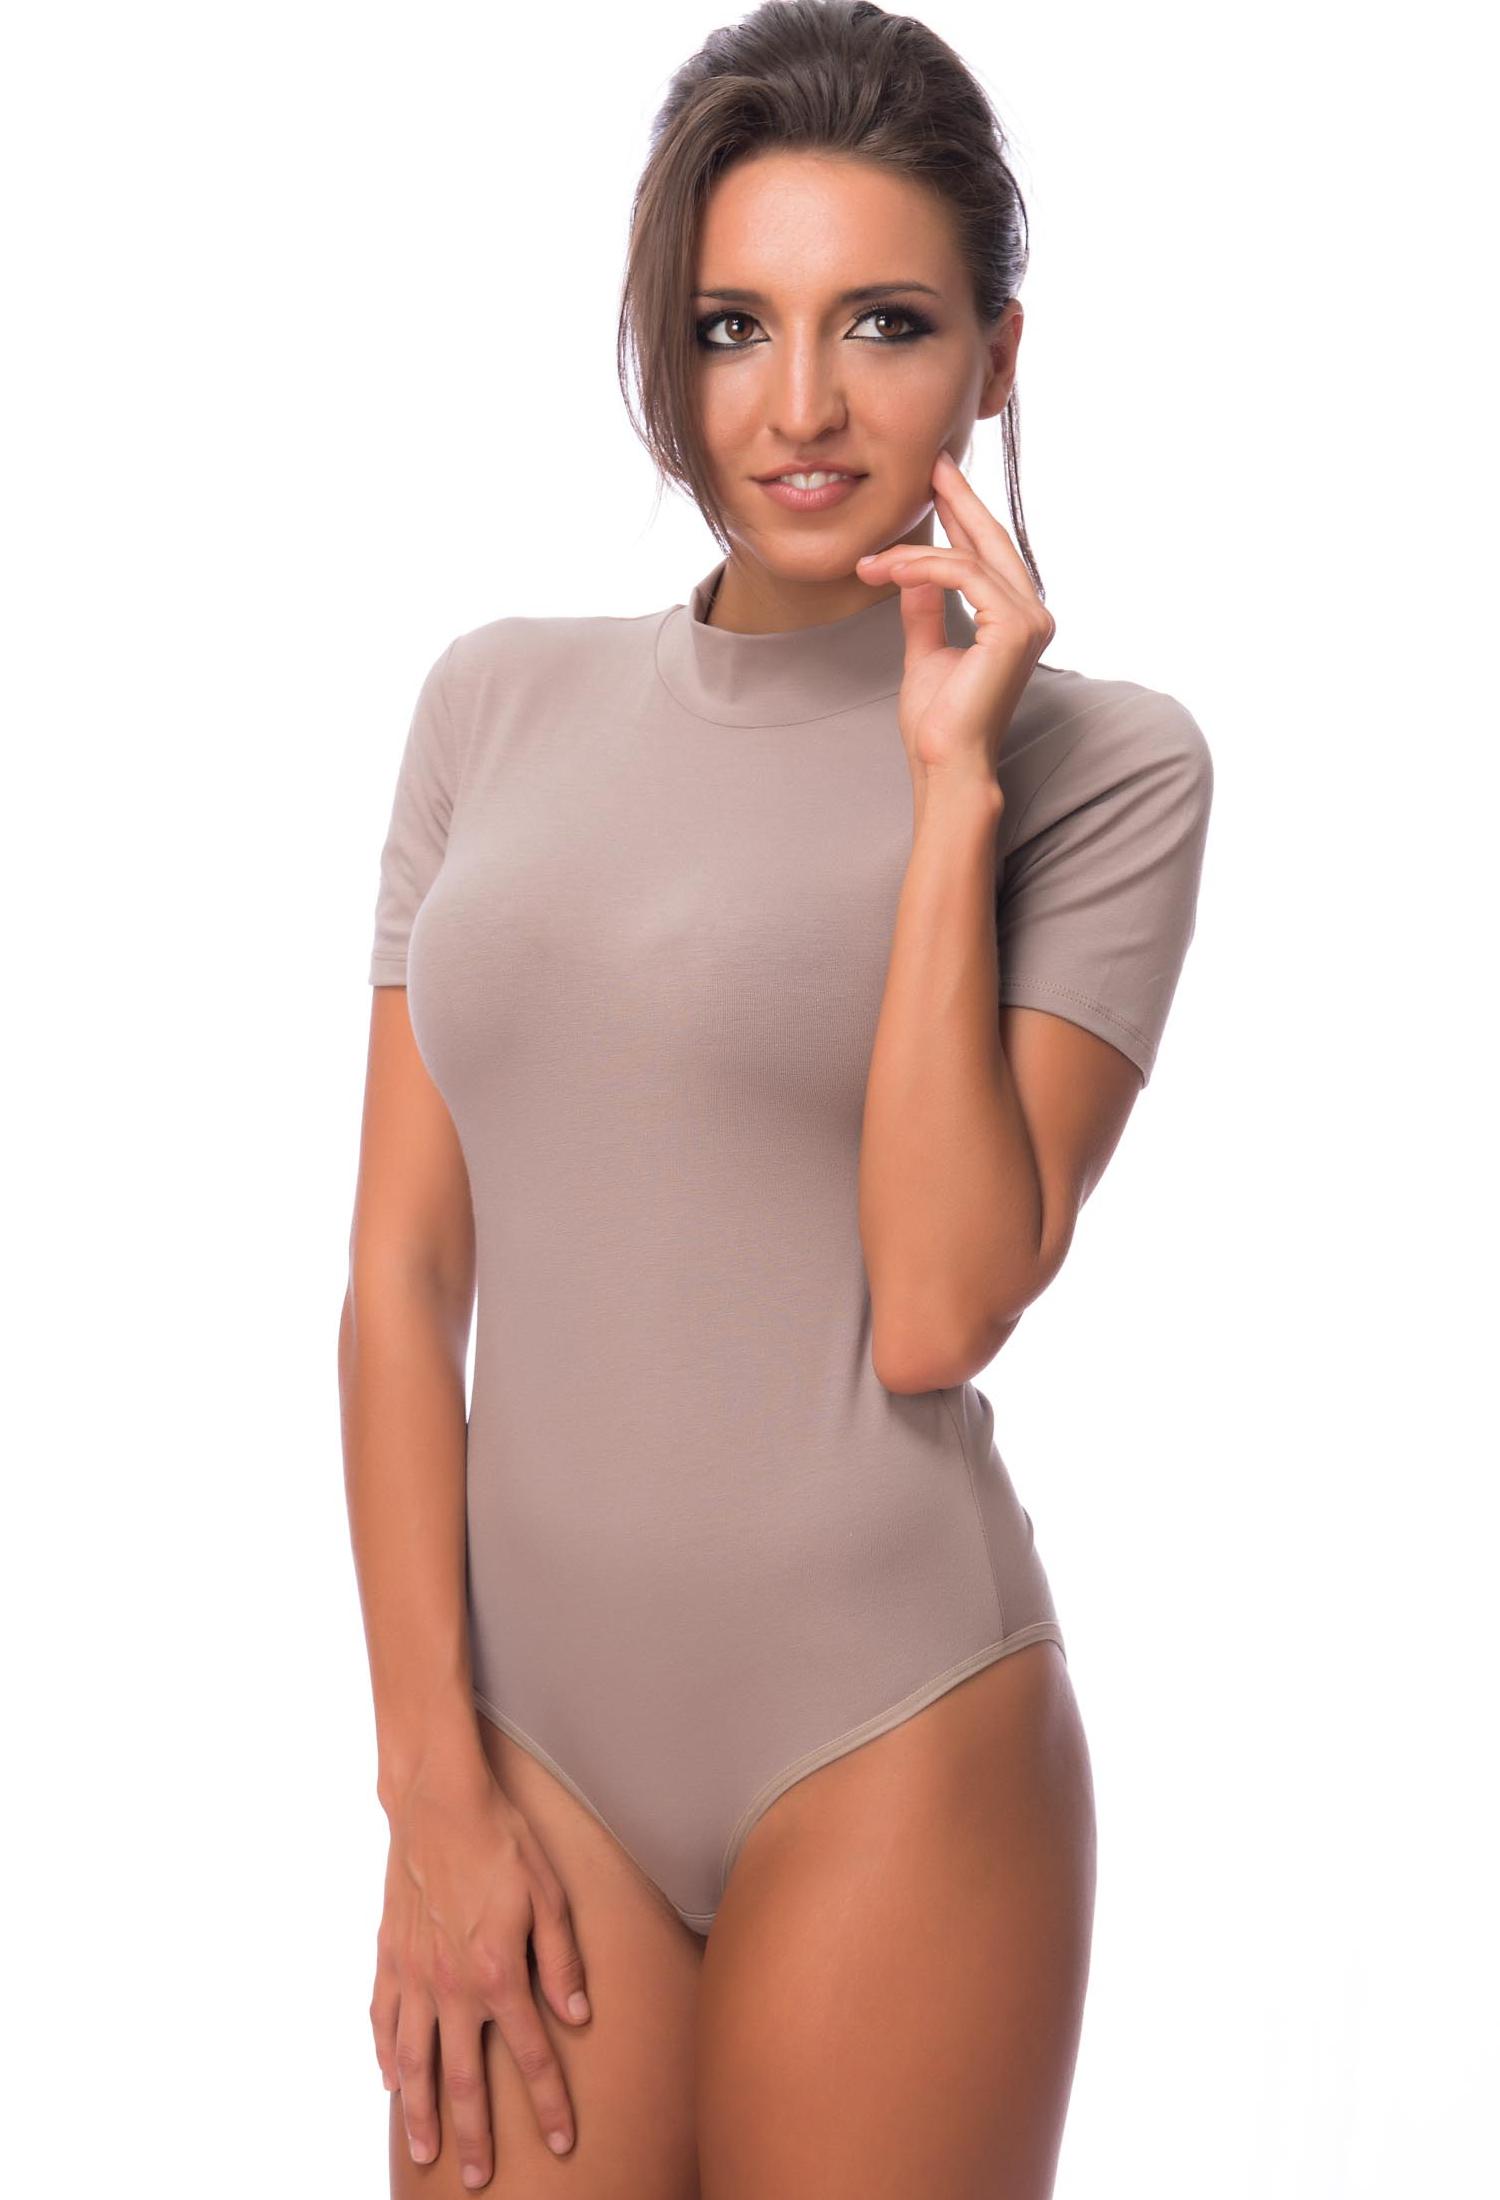 EVONI Damen Body Kurzarmbody mit Halbkragen Baumwoll-Body Bodysuit